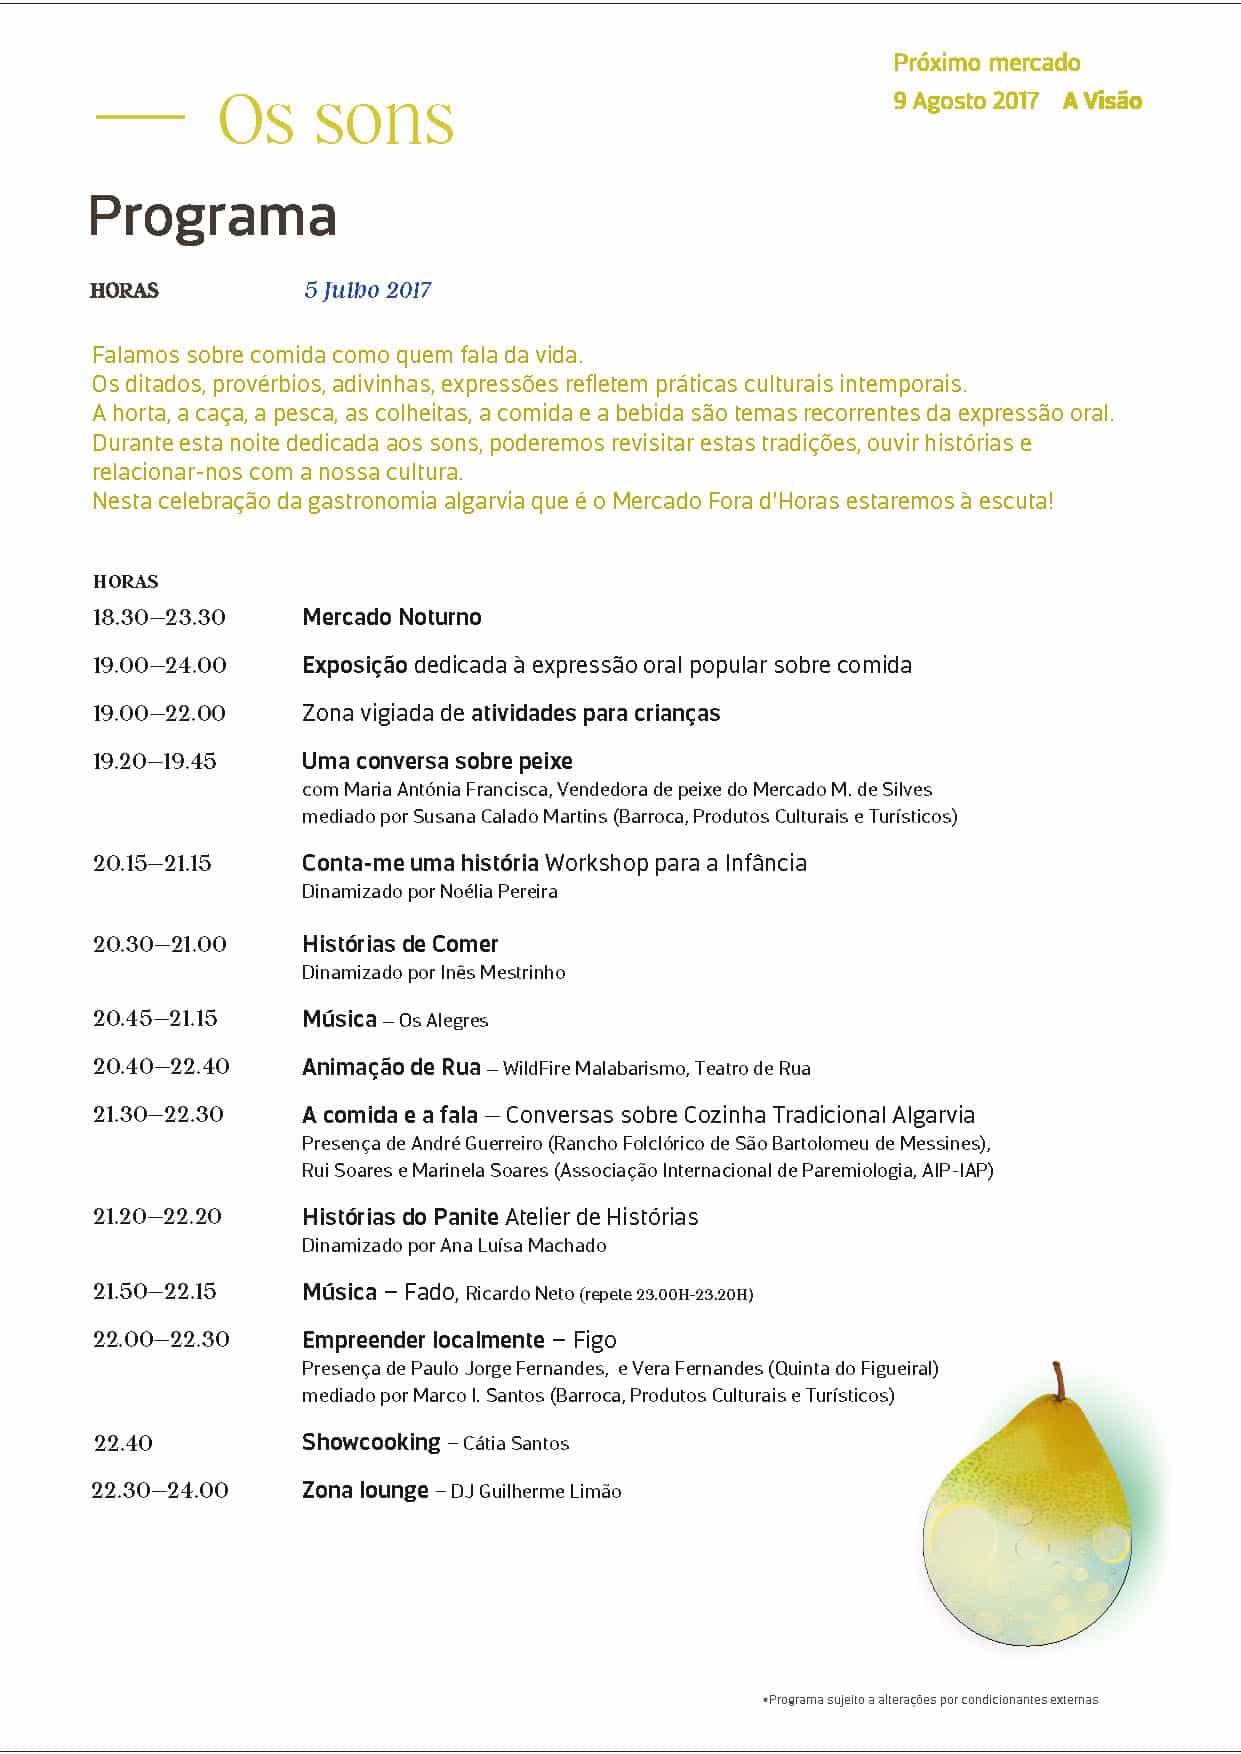 Barroca julhoA4-programa_small_Page_2 A Barroca no Mercado Fora d' Horas - Os Sons Arte Atividades Design Educação Parcerias  silves mercado fora d' horas mediação cultural design Algarve #experienciascriativas #barroca2017